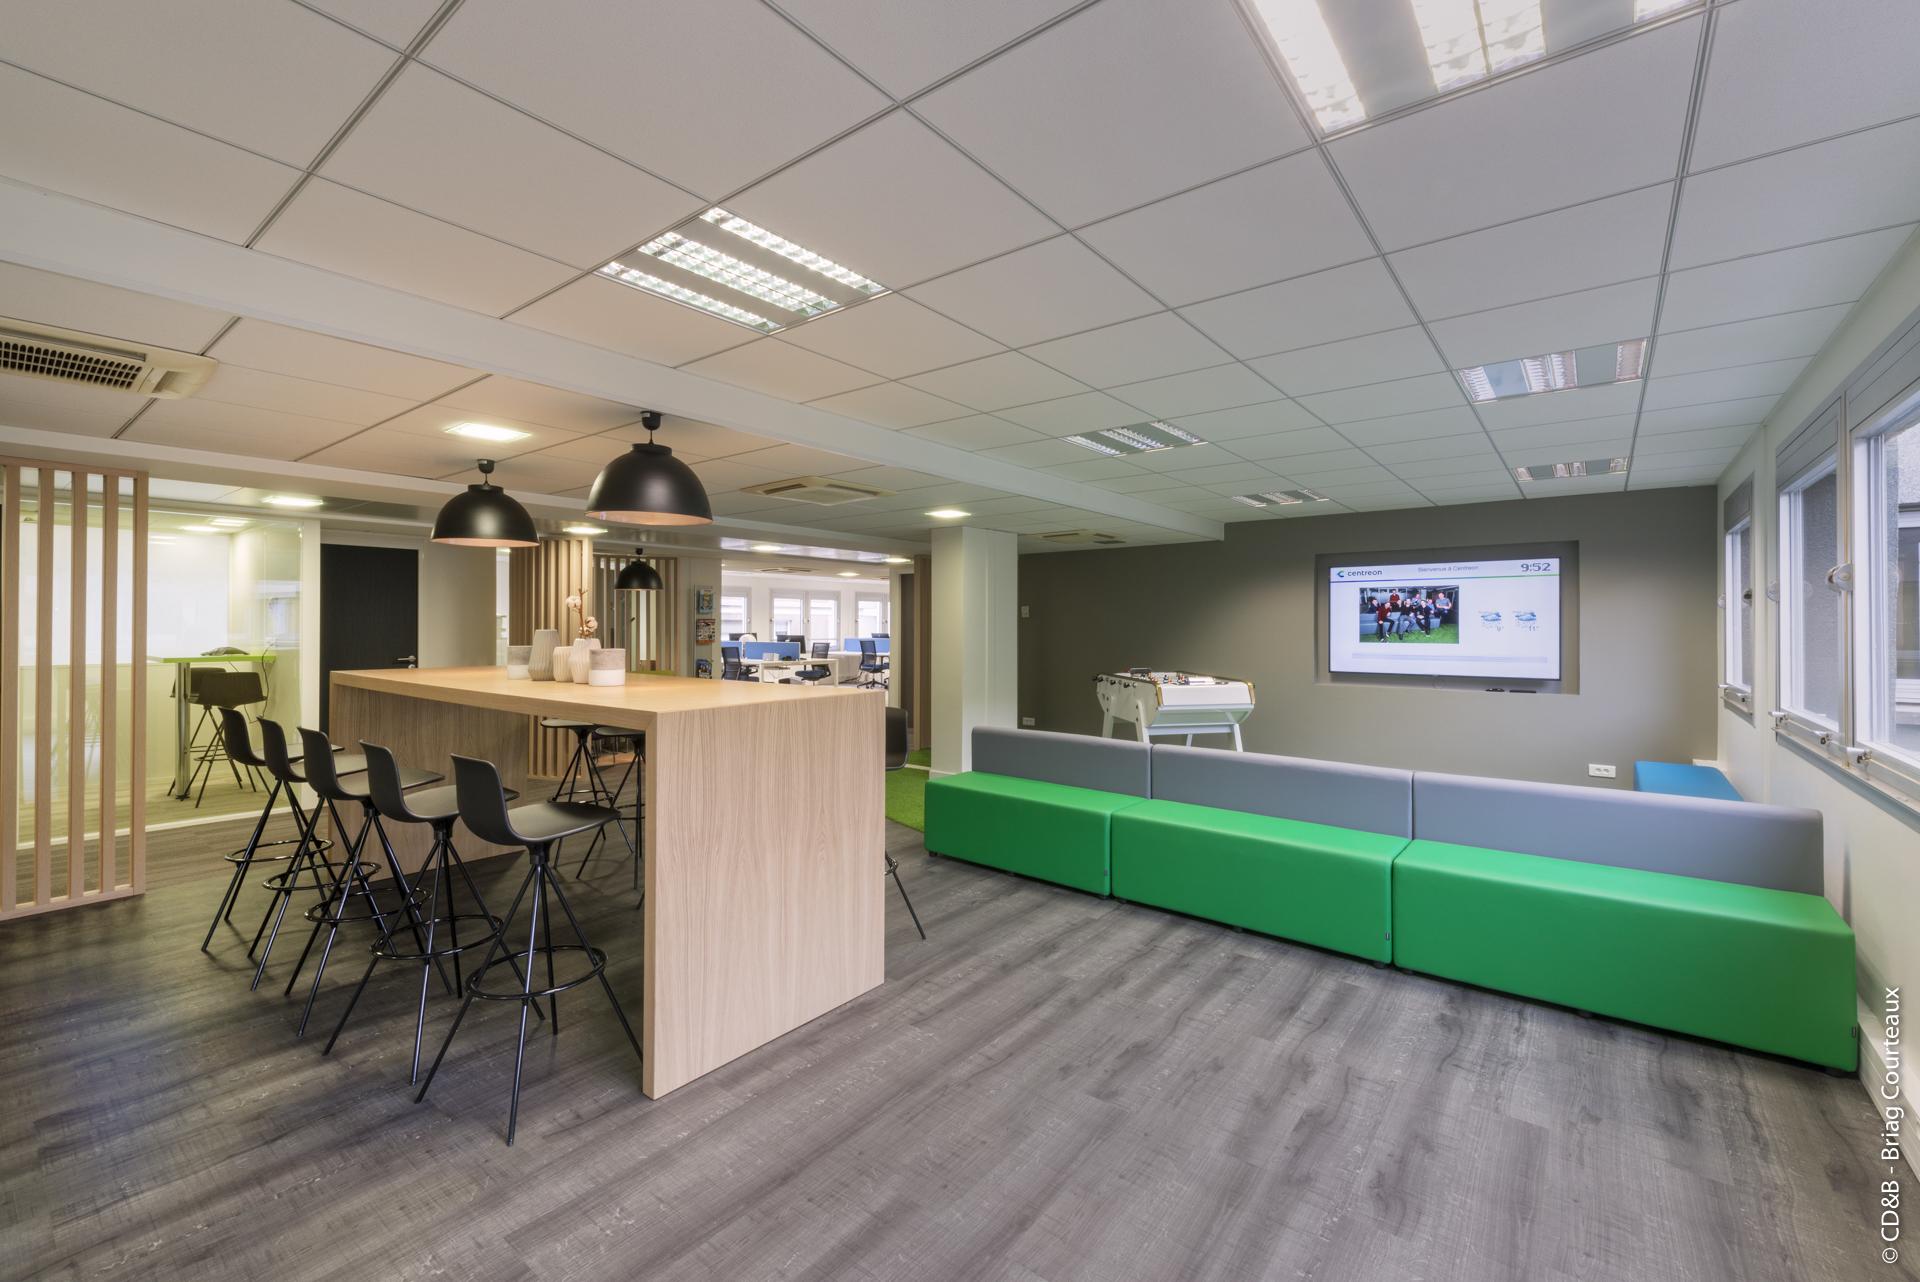 Conseil, aménagement, conception et réalisation des espaces de travail chez Centreon par CDB, Meet you there.